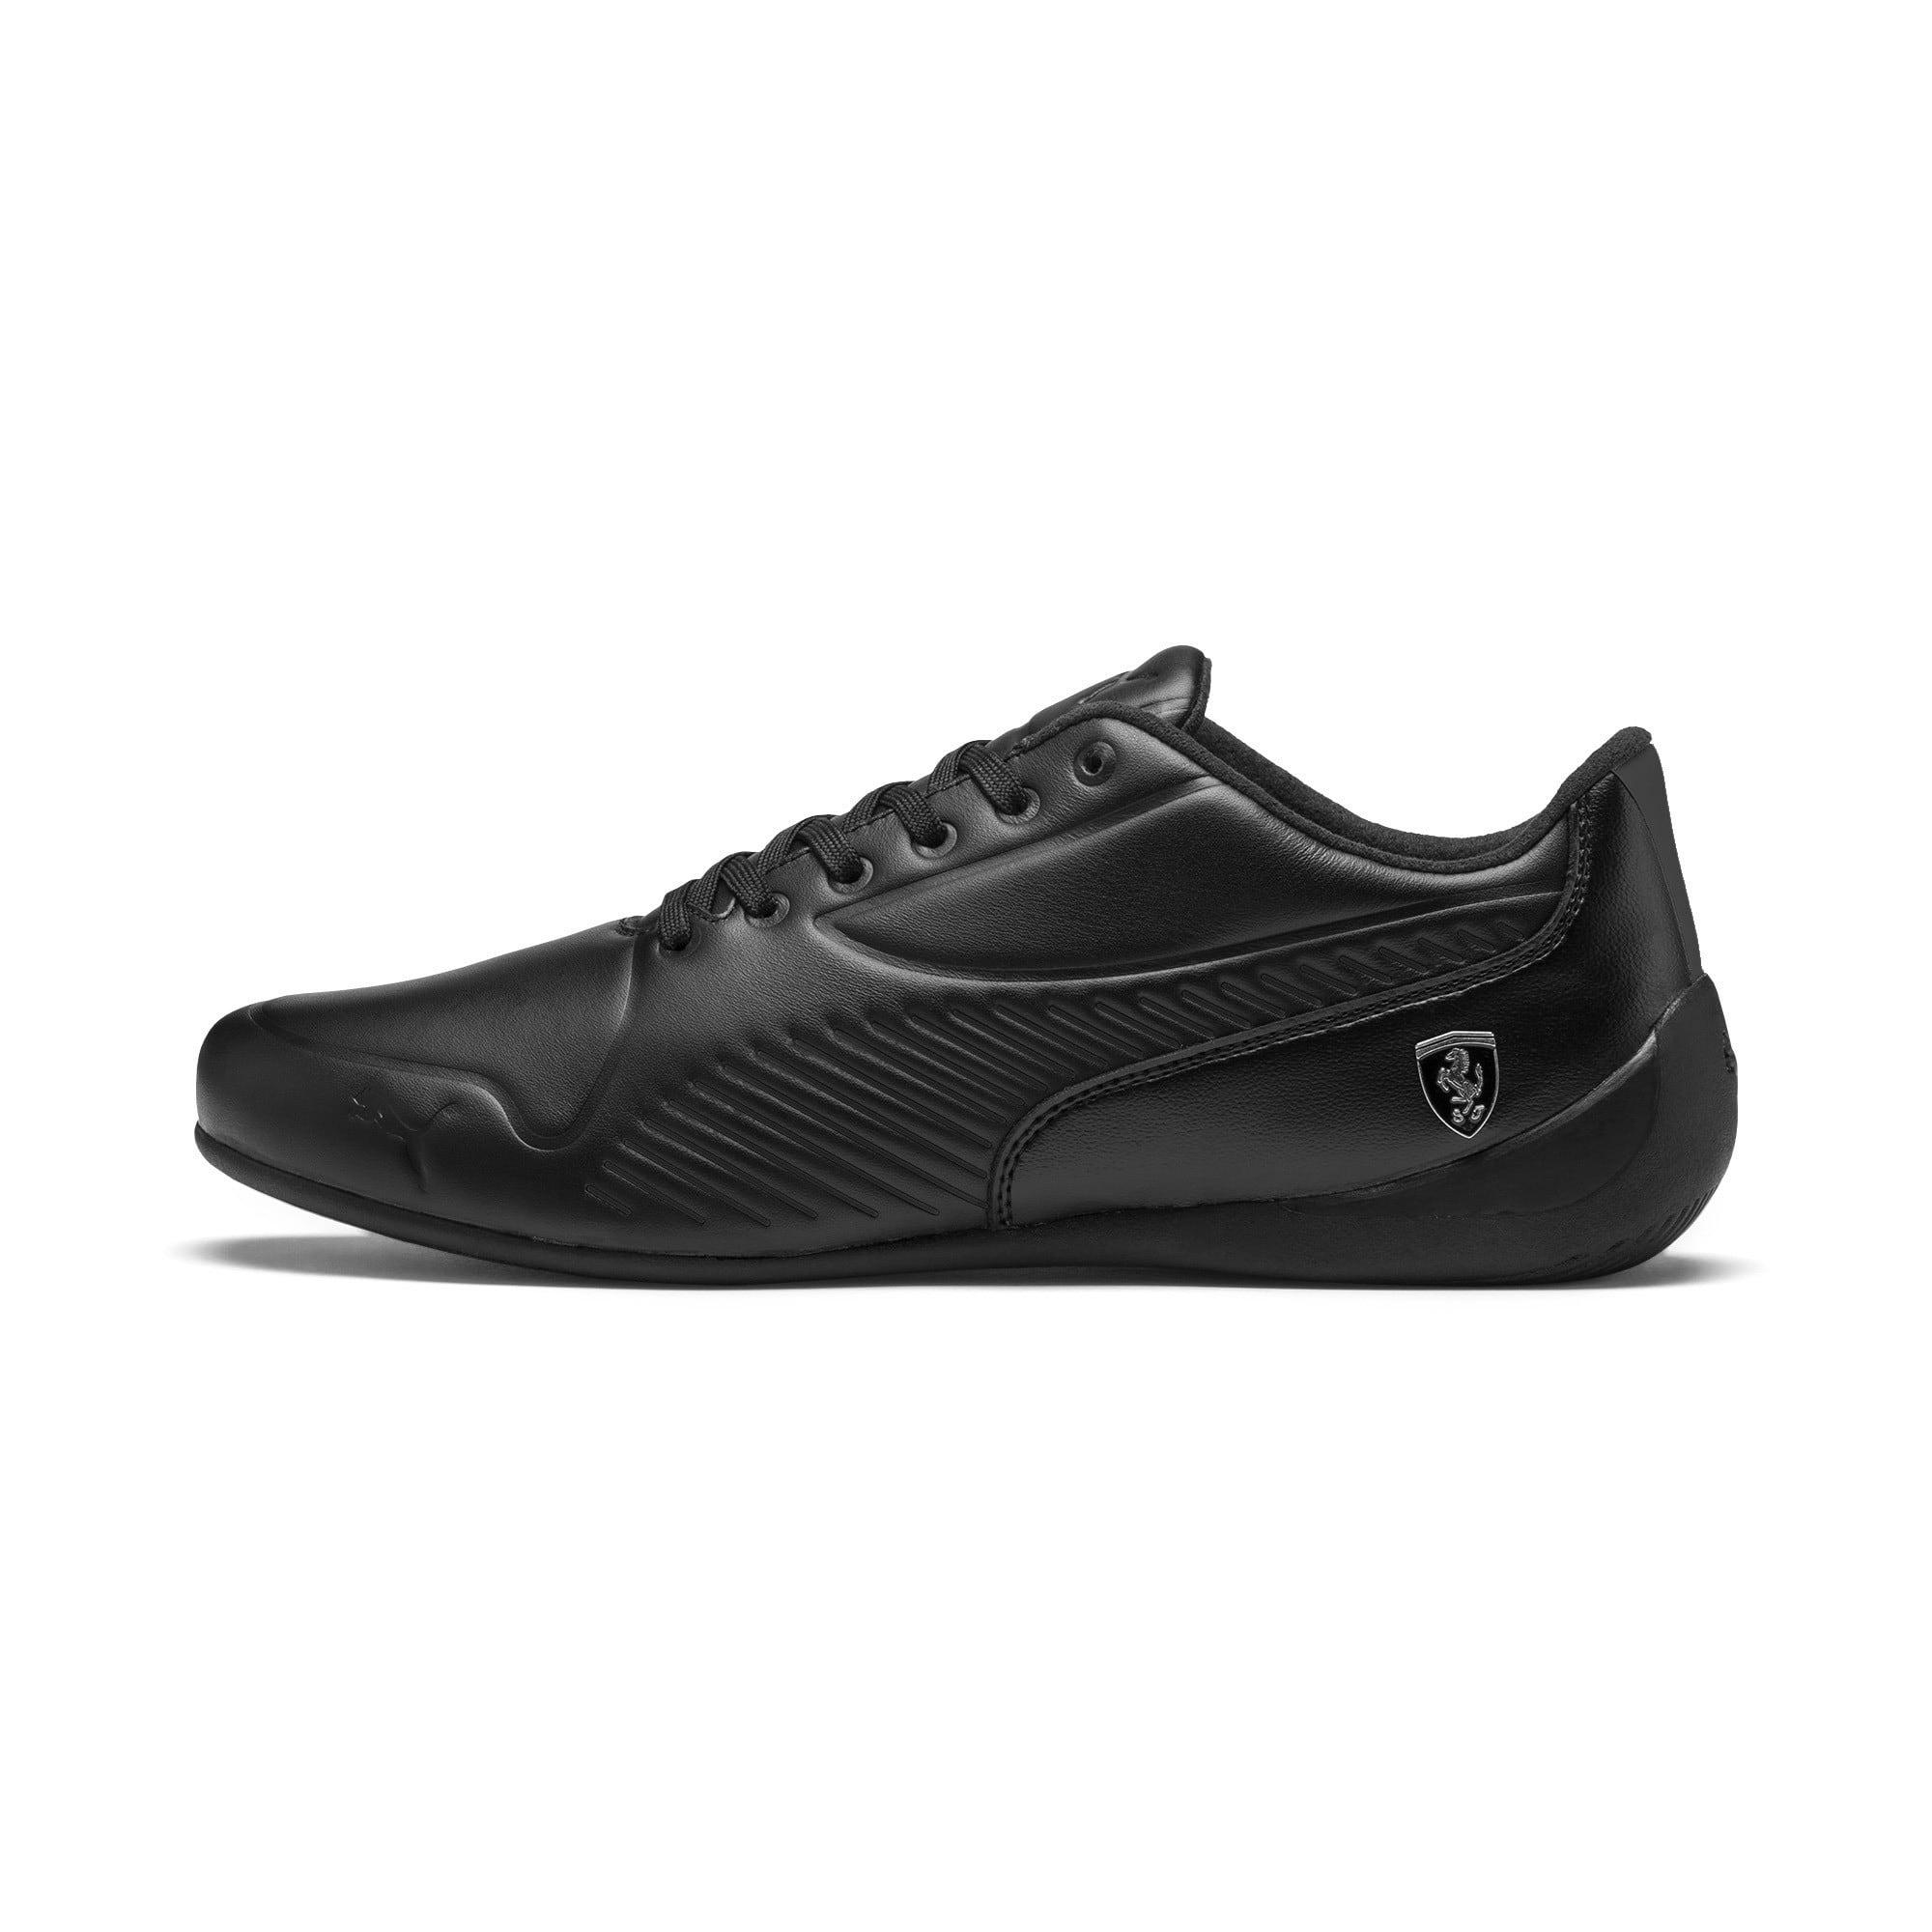 Thumbnail 1 of Scuderia Ferrari Drift Cat 7S Ultra LS Men's Shoes, Puma Black-Pastel Parchment, medium